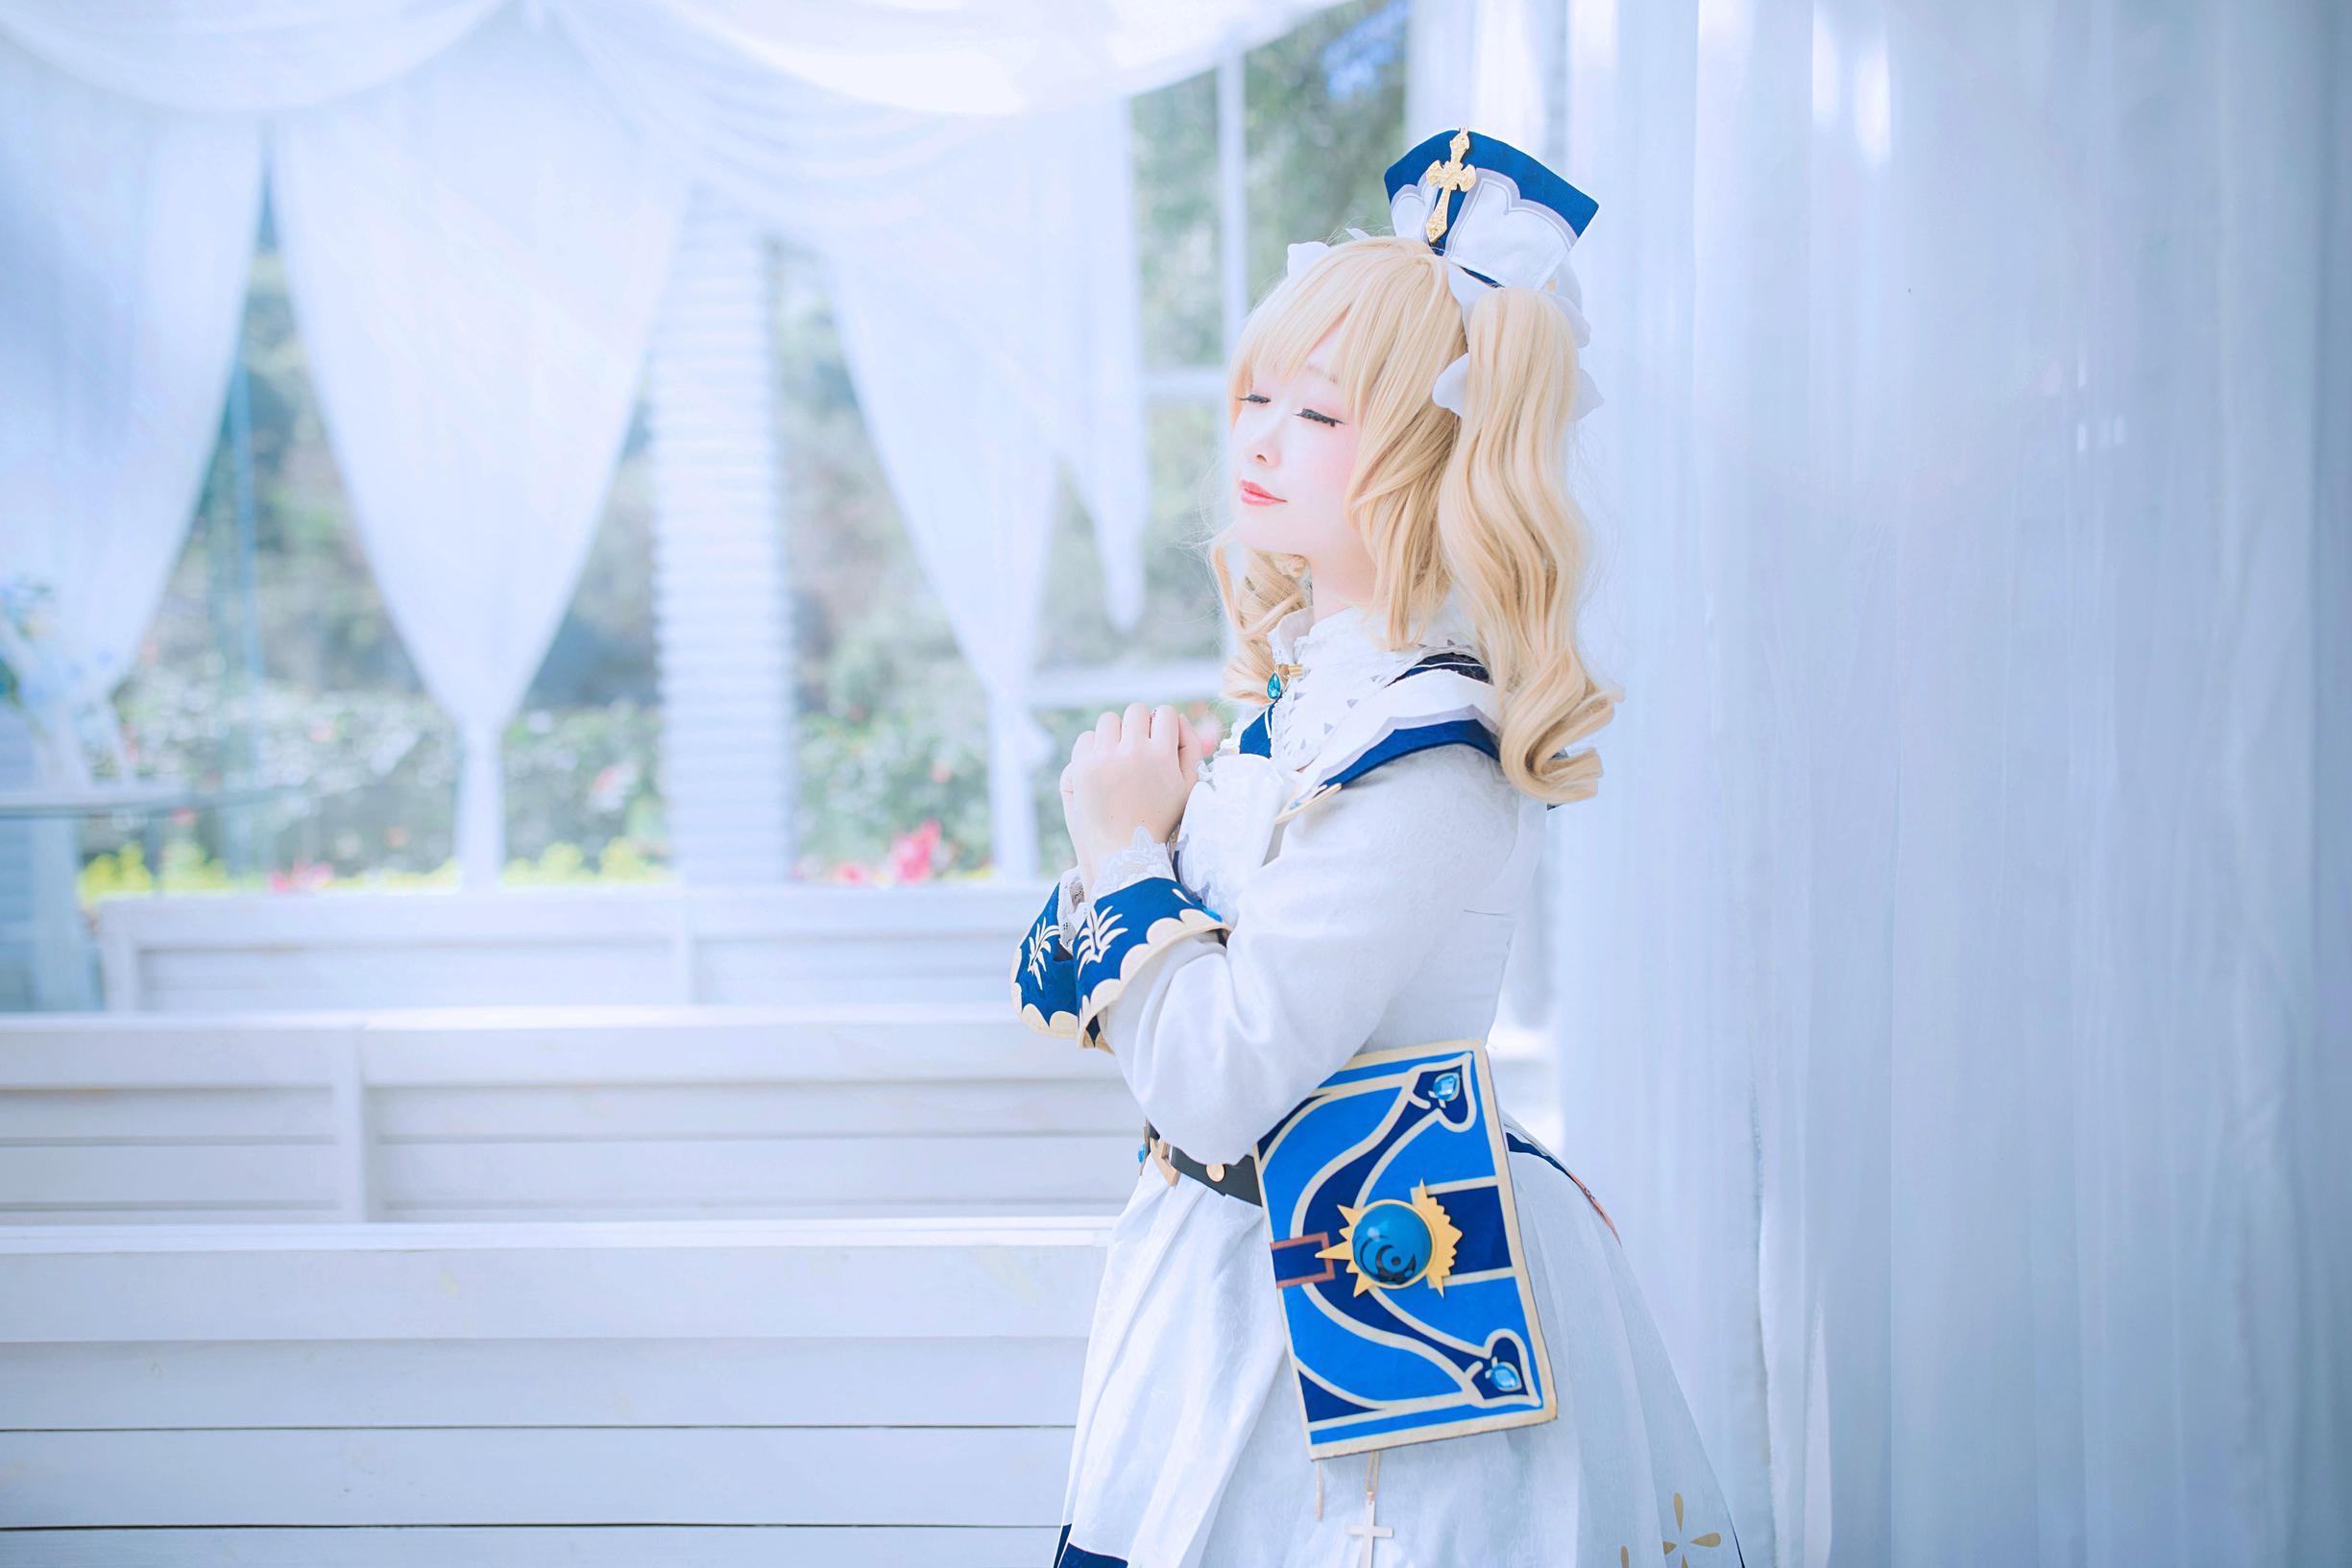 《原神》正片cosplay【CN:恰菌】 -cosplay图片王爷插图